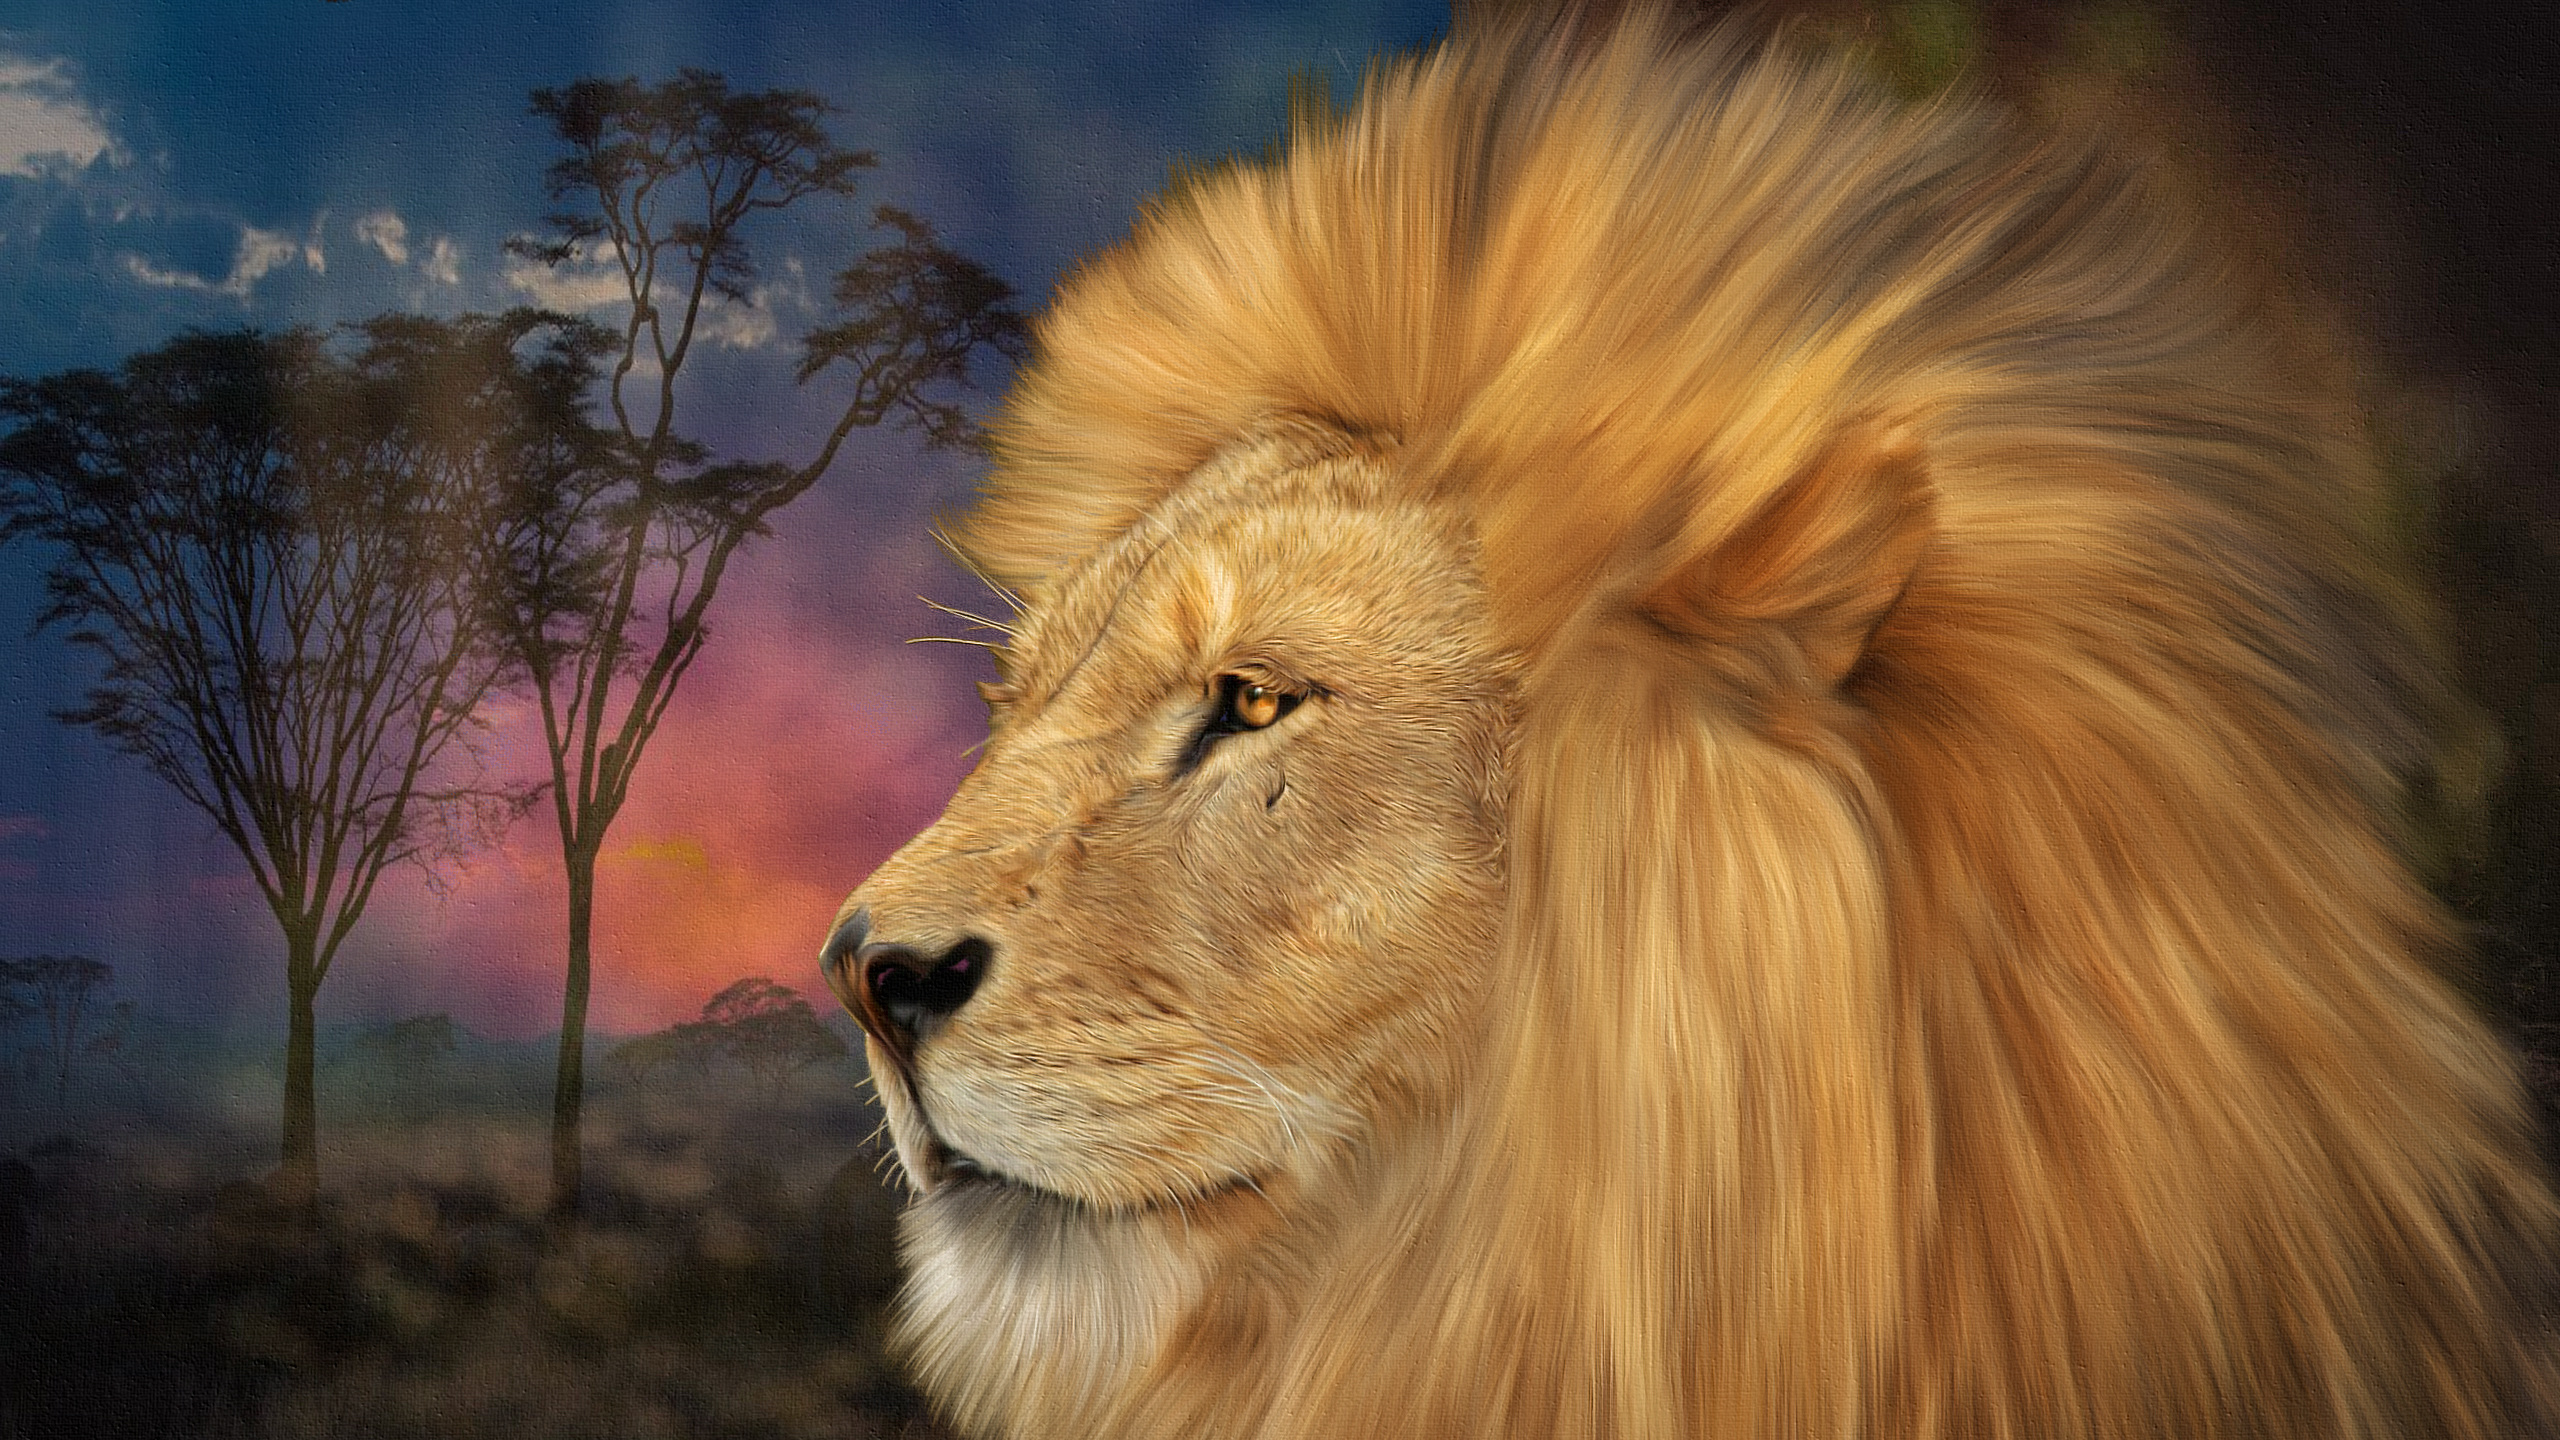 Fonds Decran 2560x1440 Fauve Lions Tête Animaux Télécharger